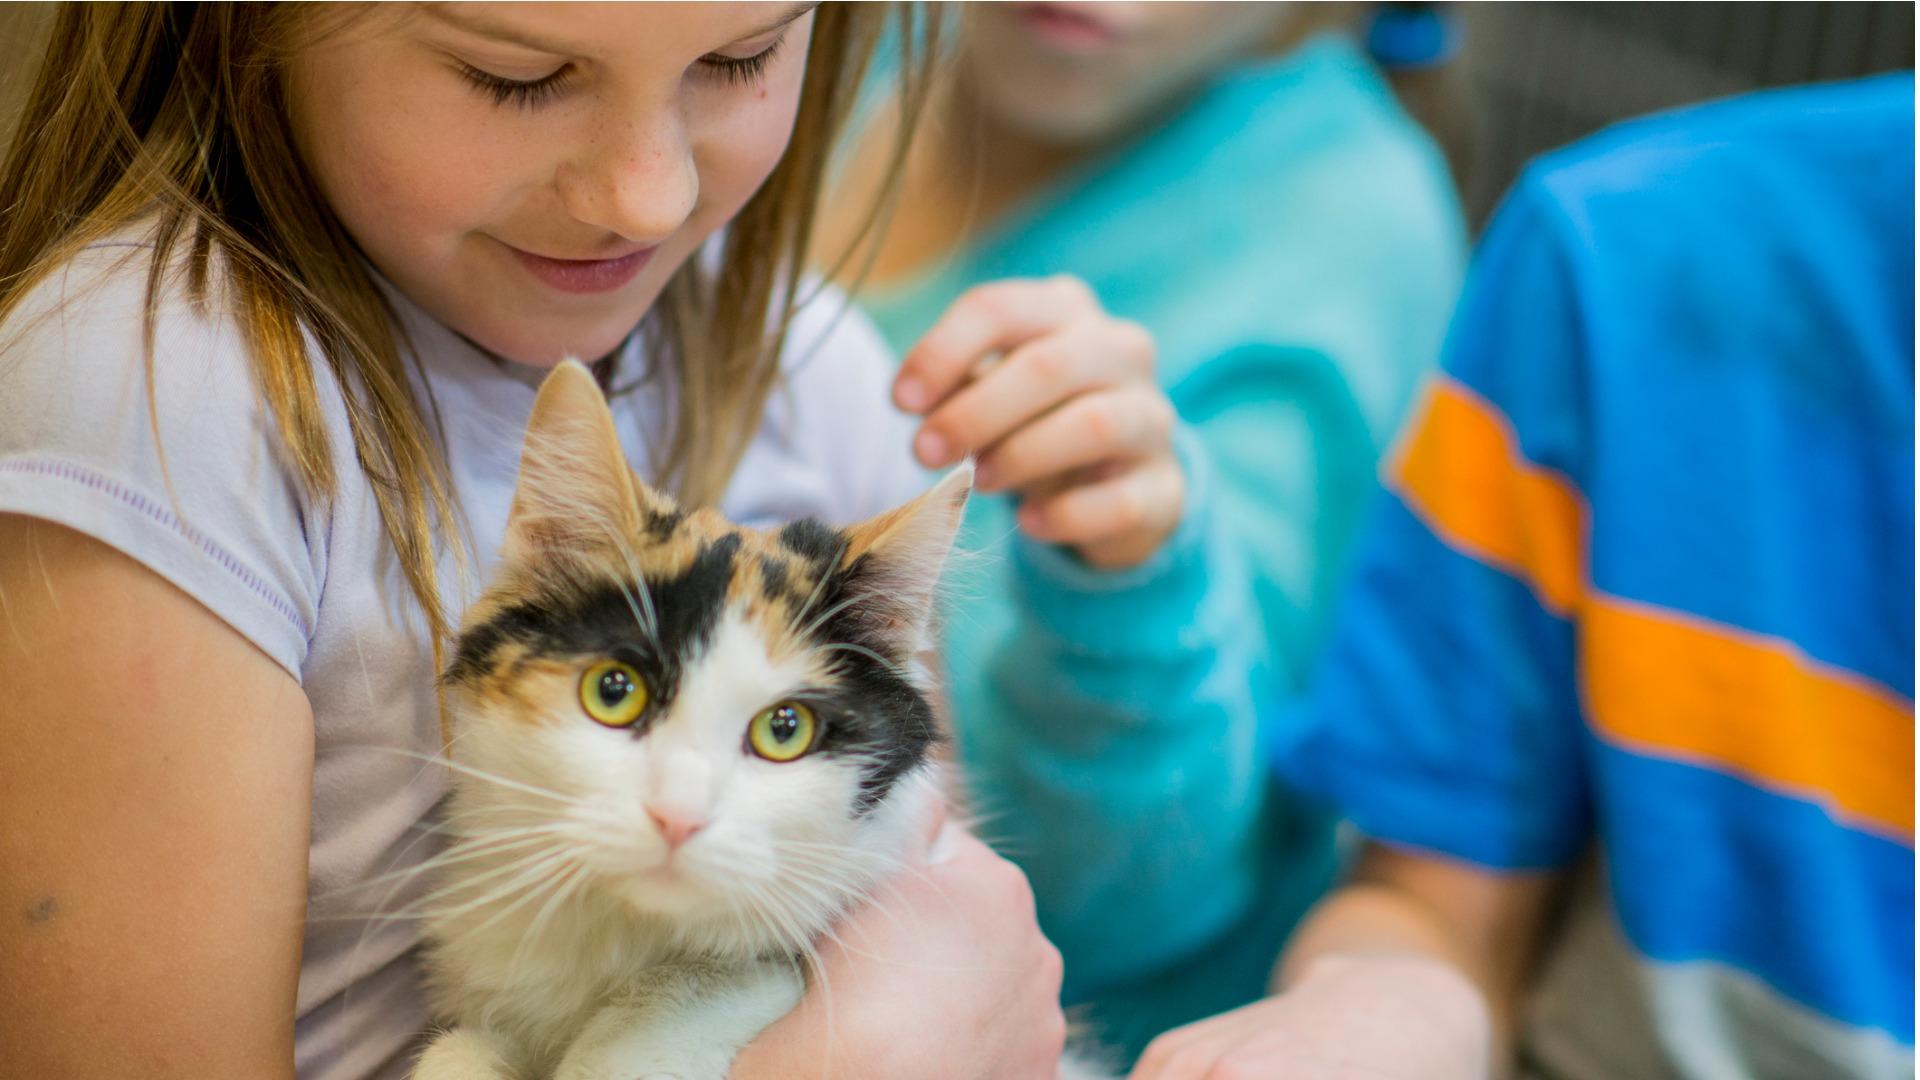 Lapset tarvitsevat aikuisen ohjausta siihen, miten olla vuorovaikutuksessa eläinten kanssa.